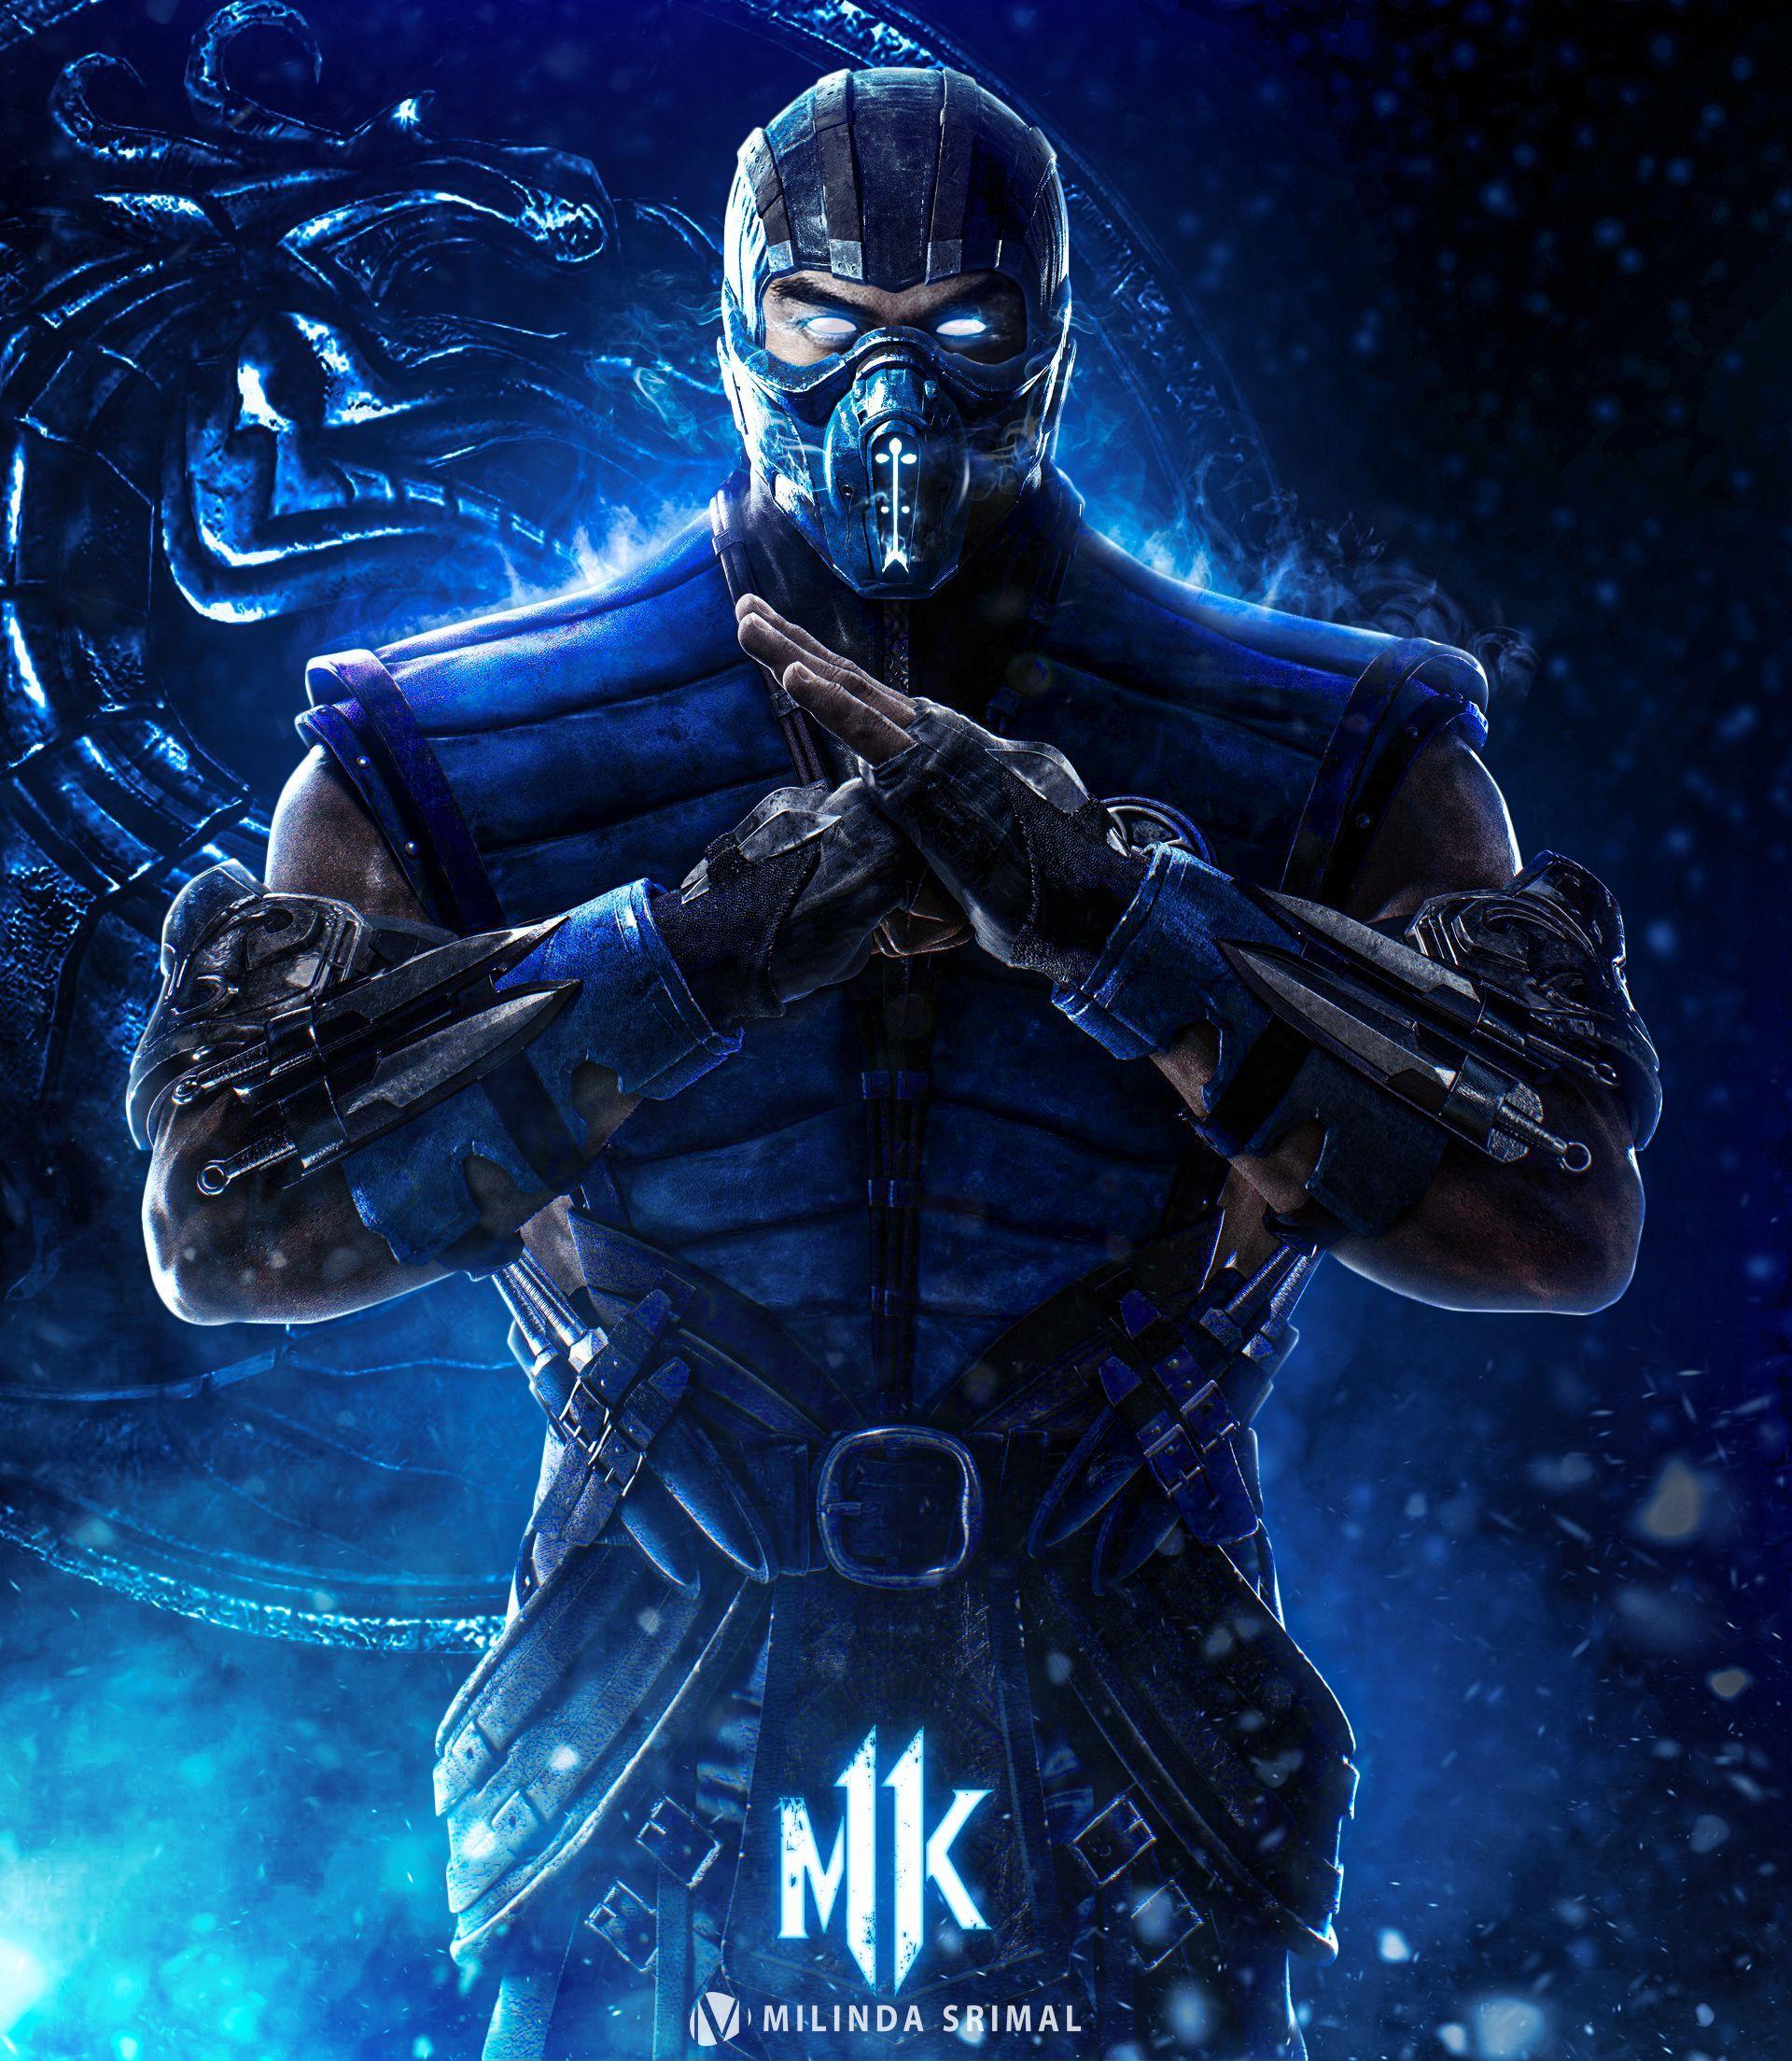 123movies Mortal Kombat Download Free Online Mp4 Sub Zero Mortal Kombat Mortal Kombat Art Raiden Mortal Kombat